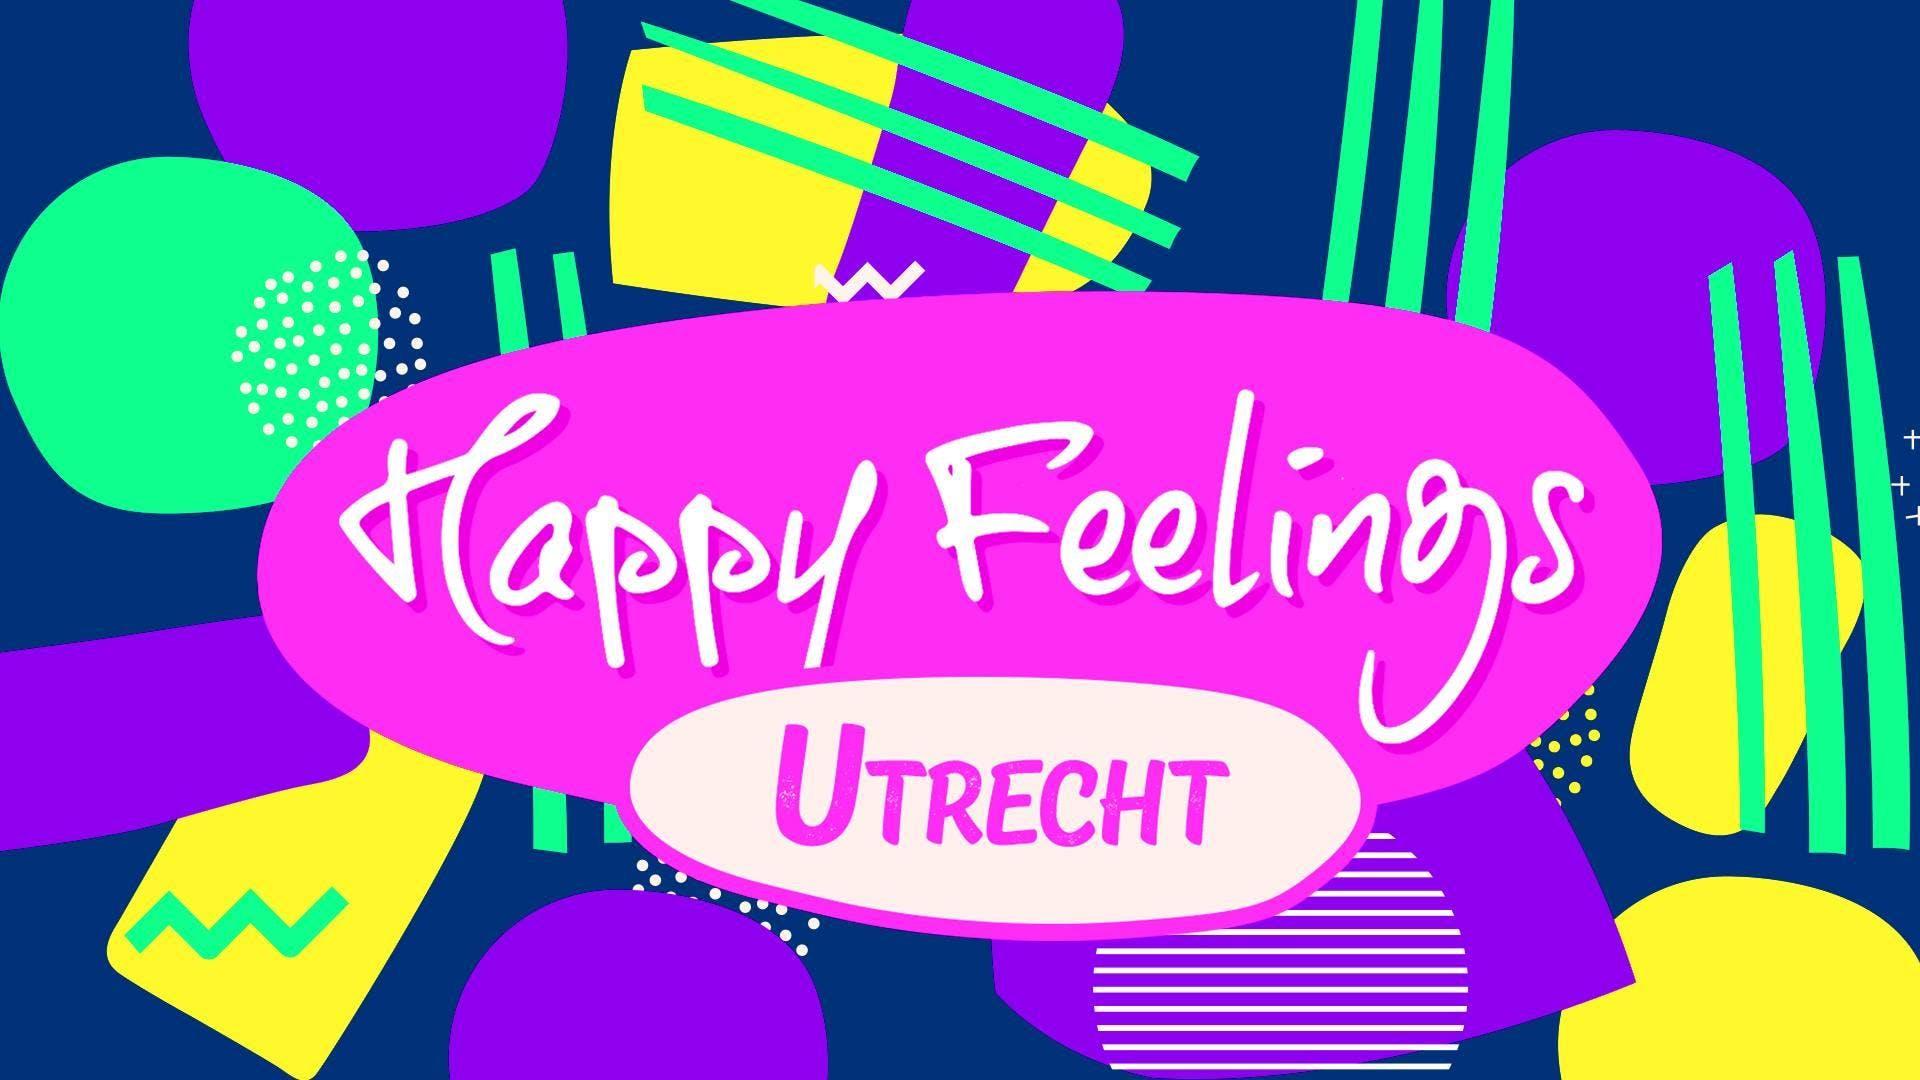 Happy Feelings Utrecht